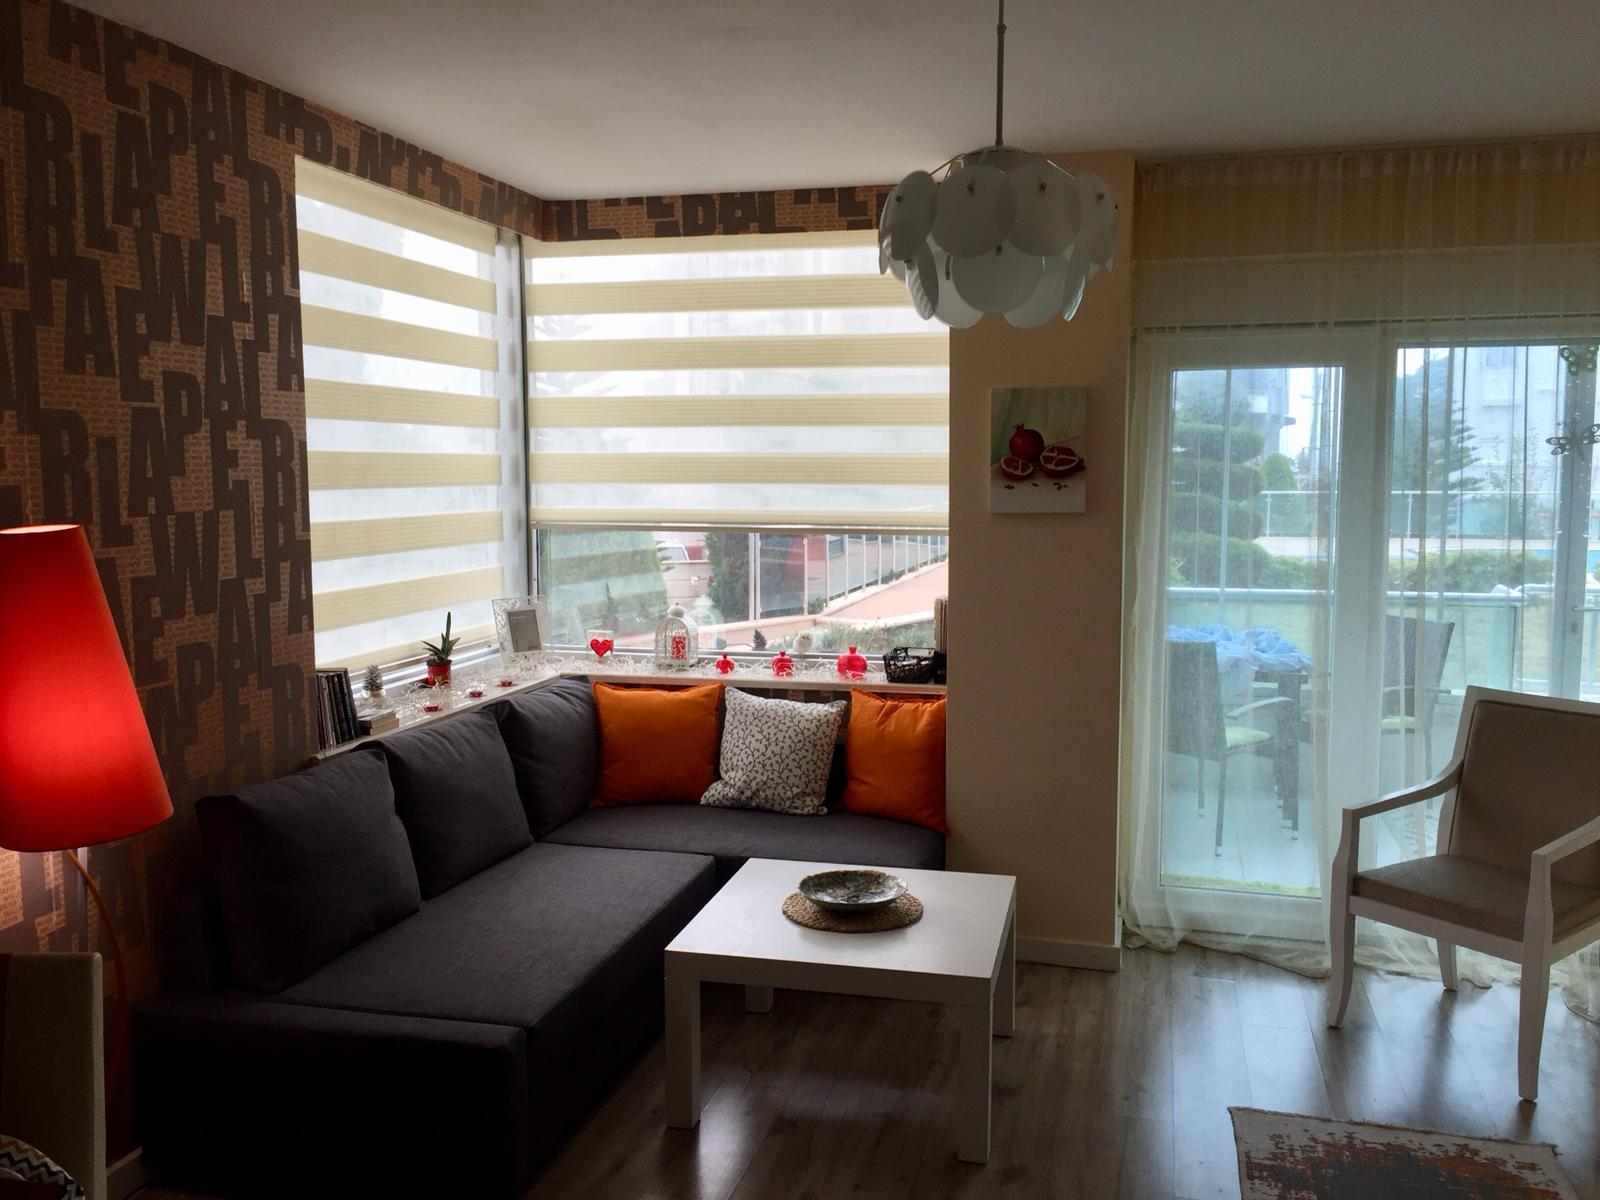 AIT Residence (1+1) — Продажа квартиры с мебелью на ПЕРВОЙ береговой линии в Алтынкуме (Коньяалты/Анталья)